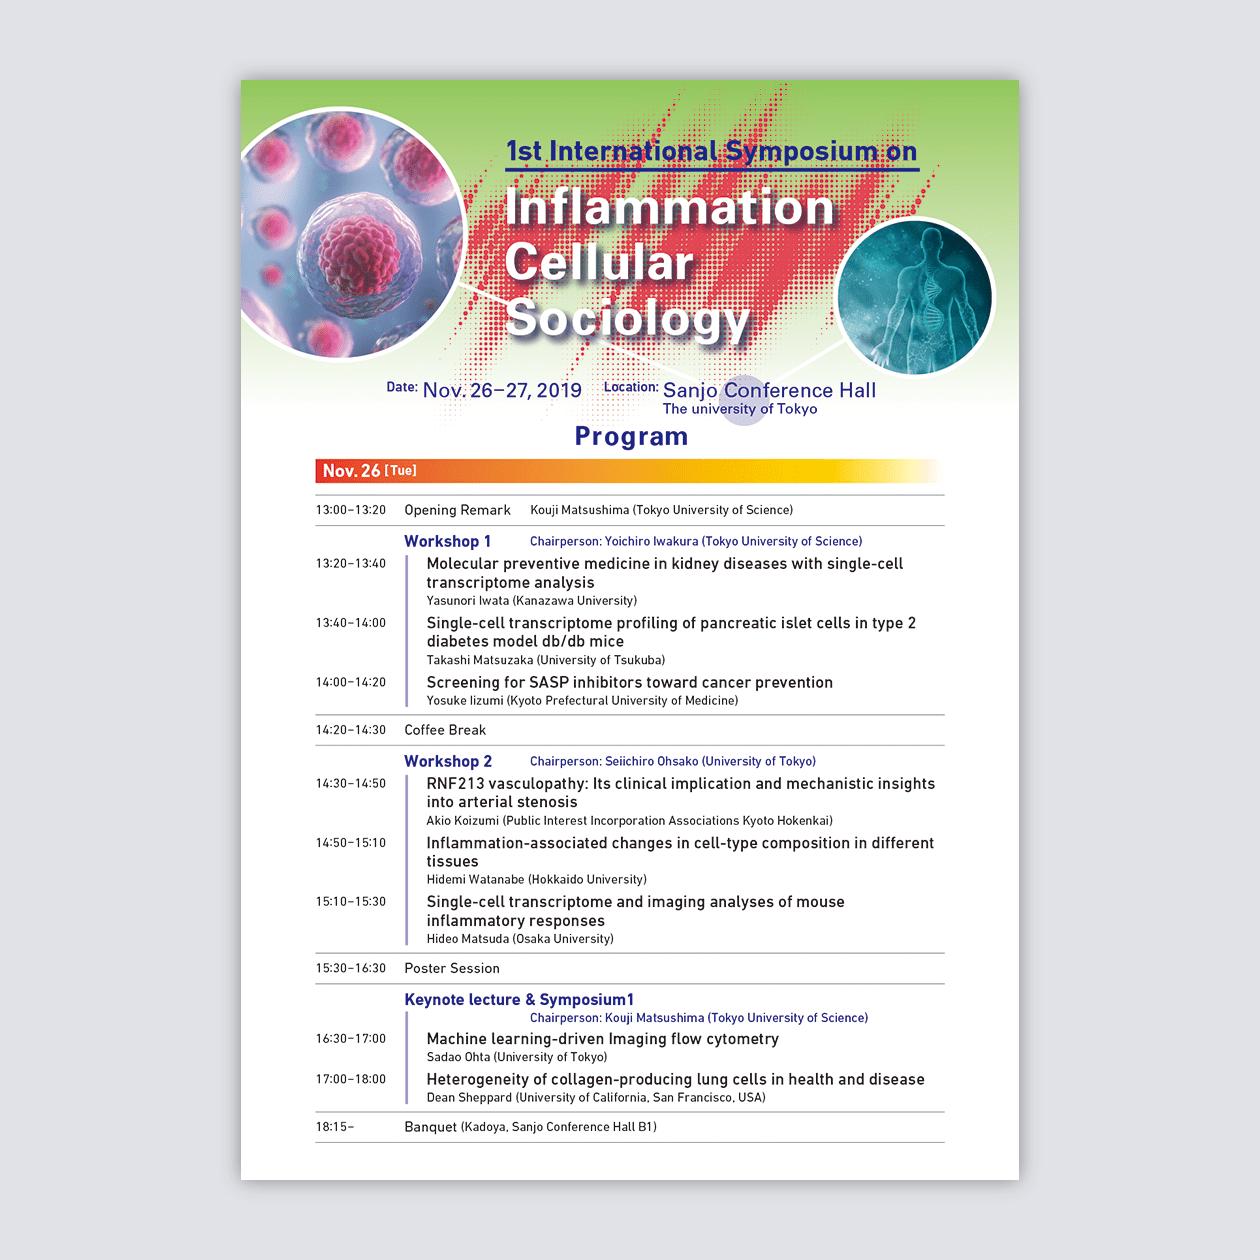 「予防を科学する炎症細胞社会学」第1回国際シンポジウム プログラム